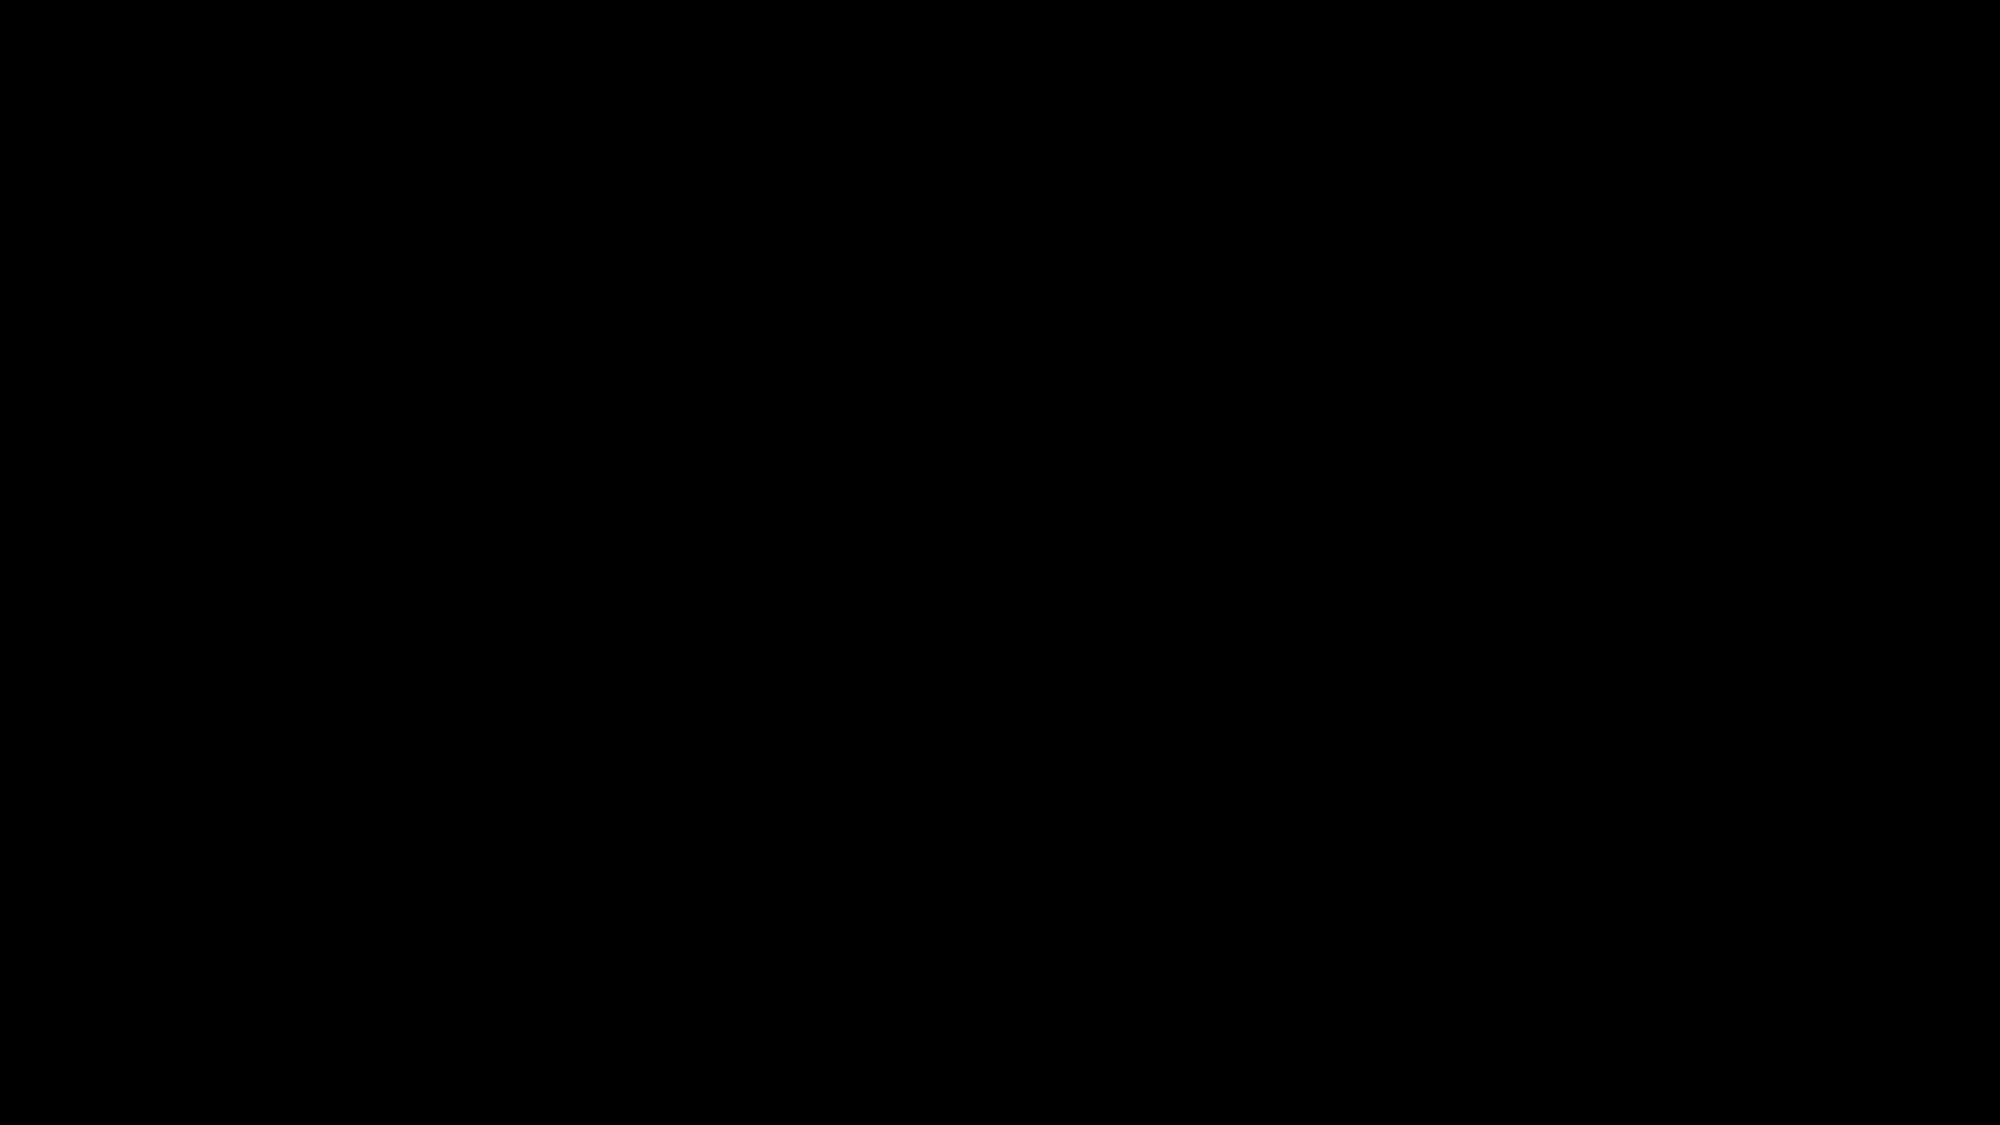 Transparent Rectangle Png (+).